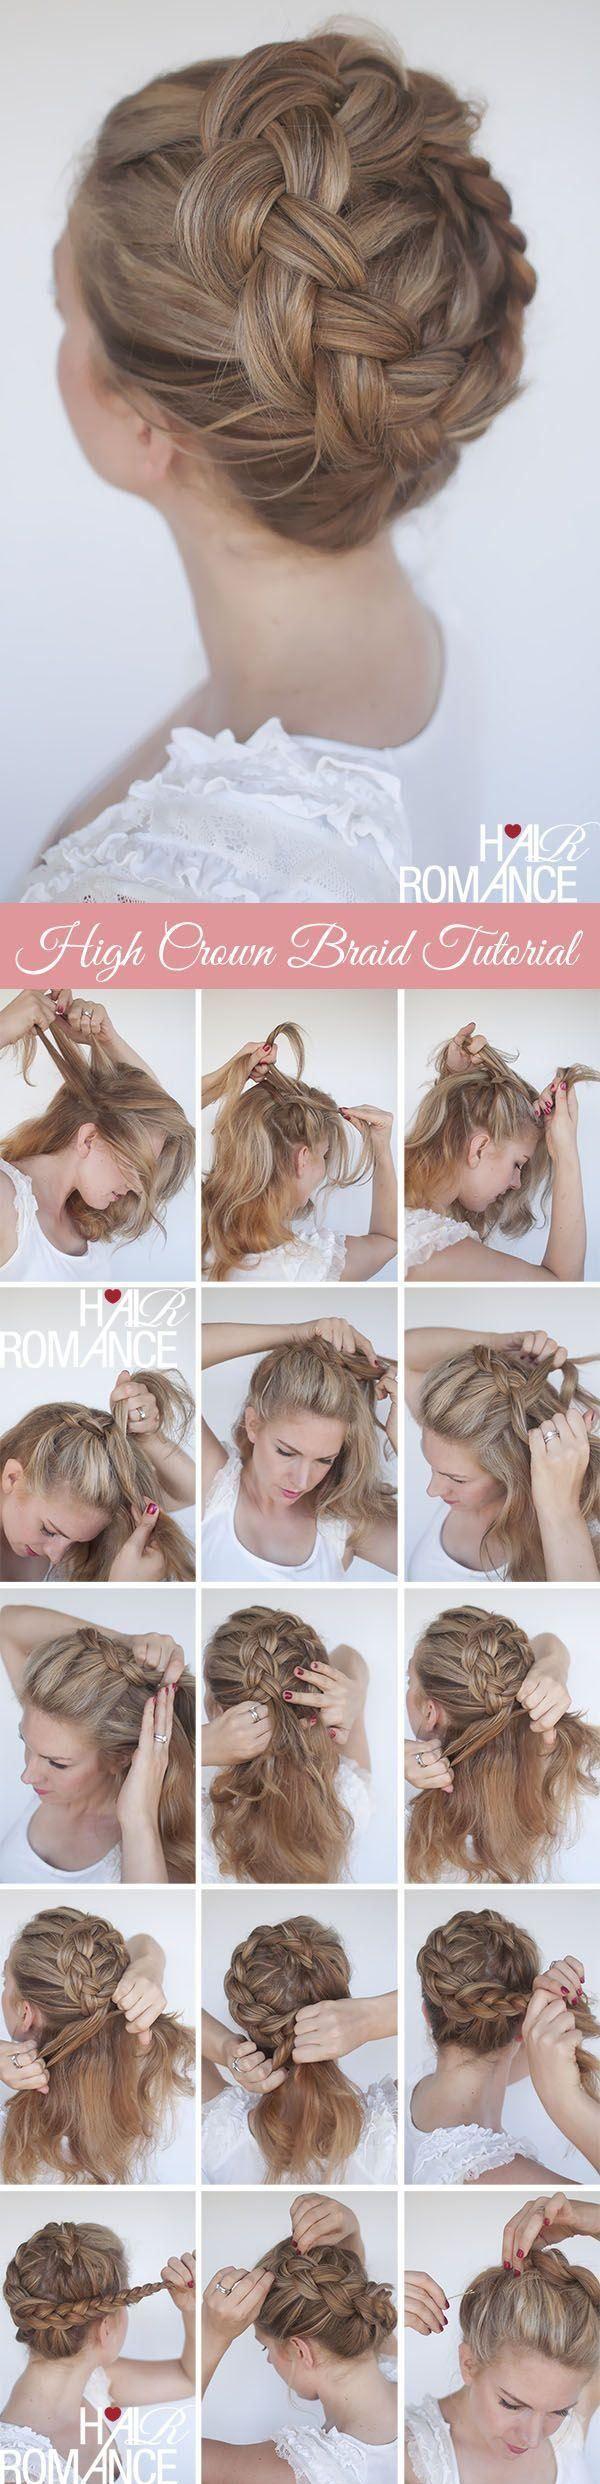 Como hacer una tiara con trenza - http://www.peinando.com/como-hacer-una-tiara-con-trenza/